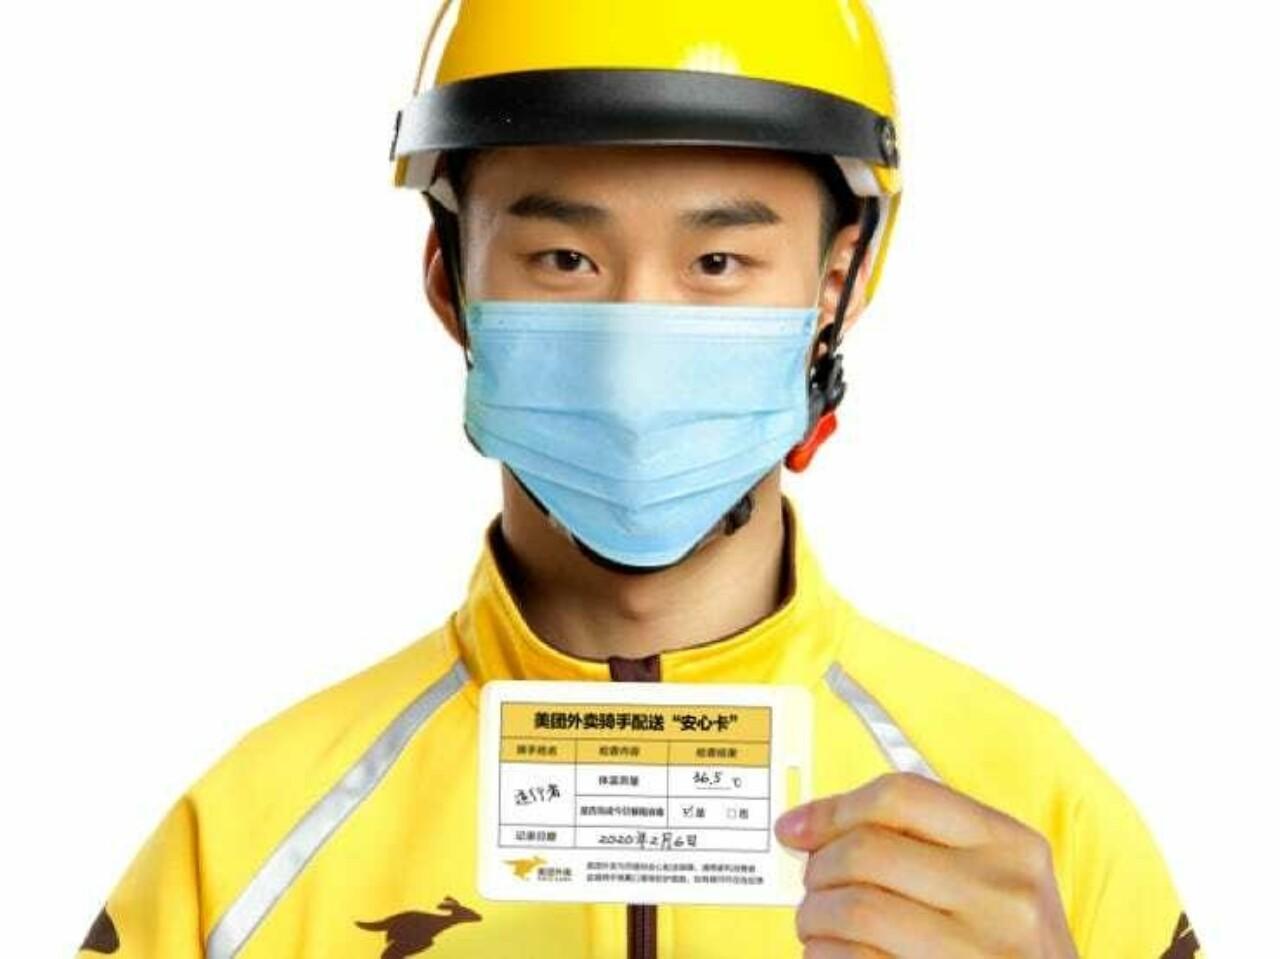 Китайский сервис доставки еды Meituan Dianping запустил бесконтактную доставку заказов на фоне вспышки коронавируса